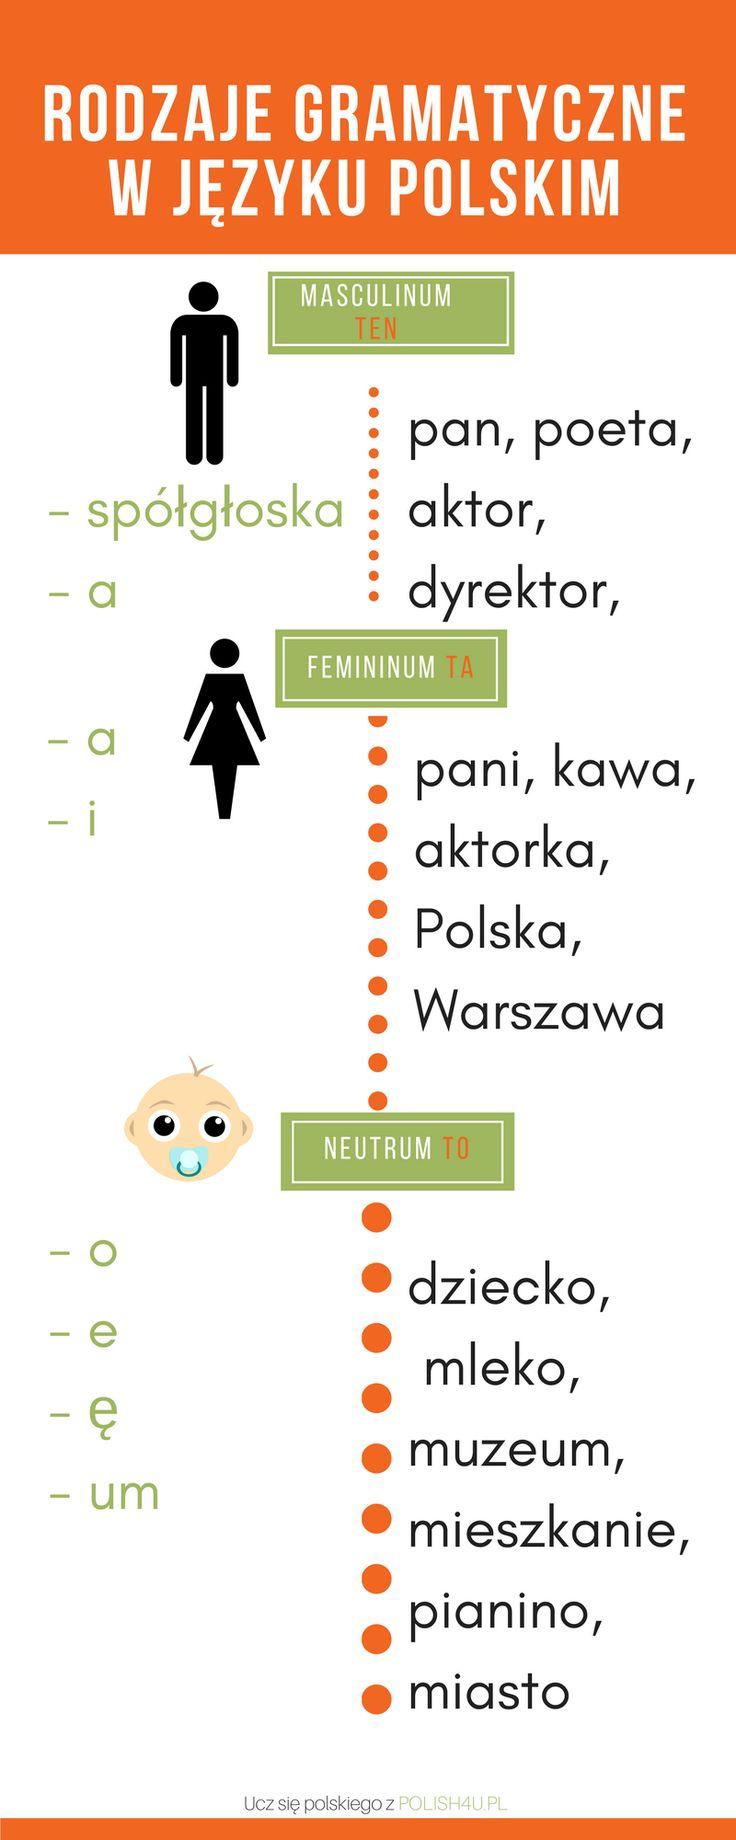 Polish language course - basics